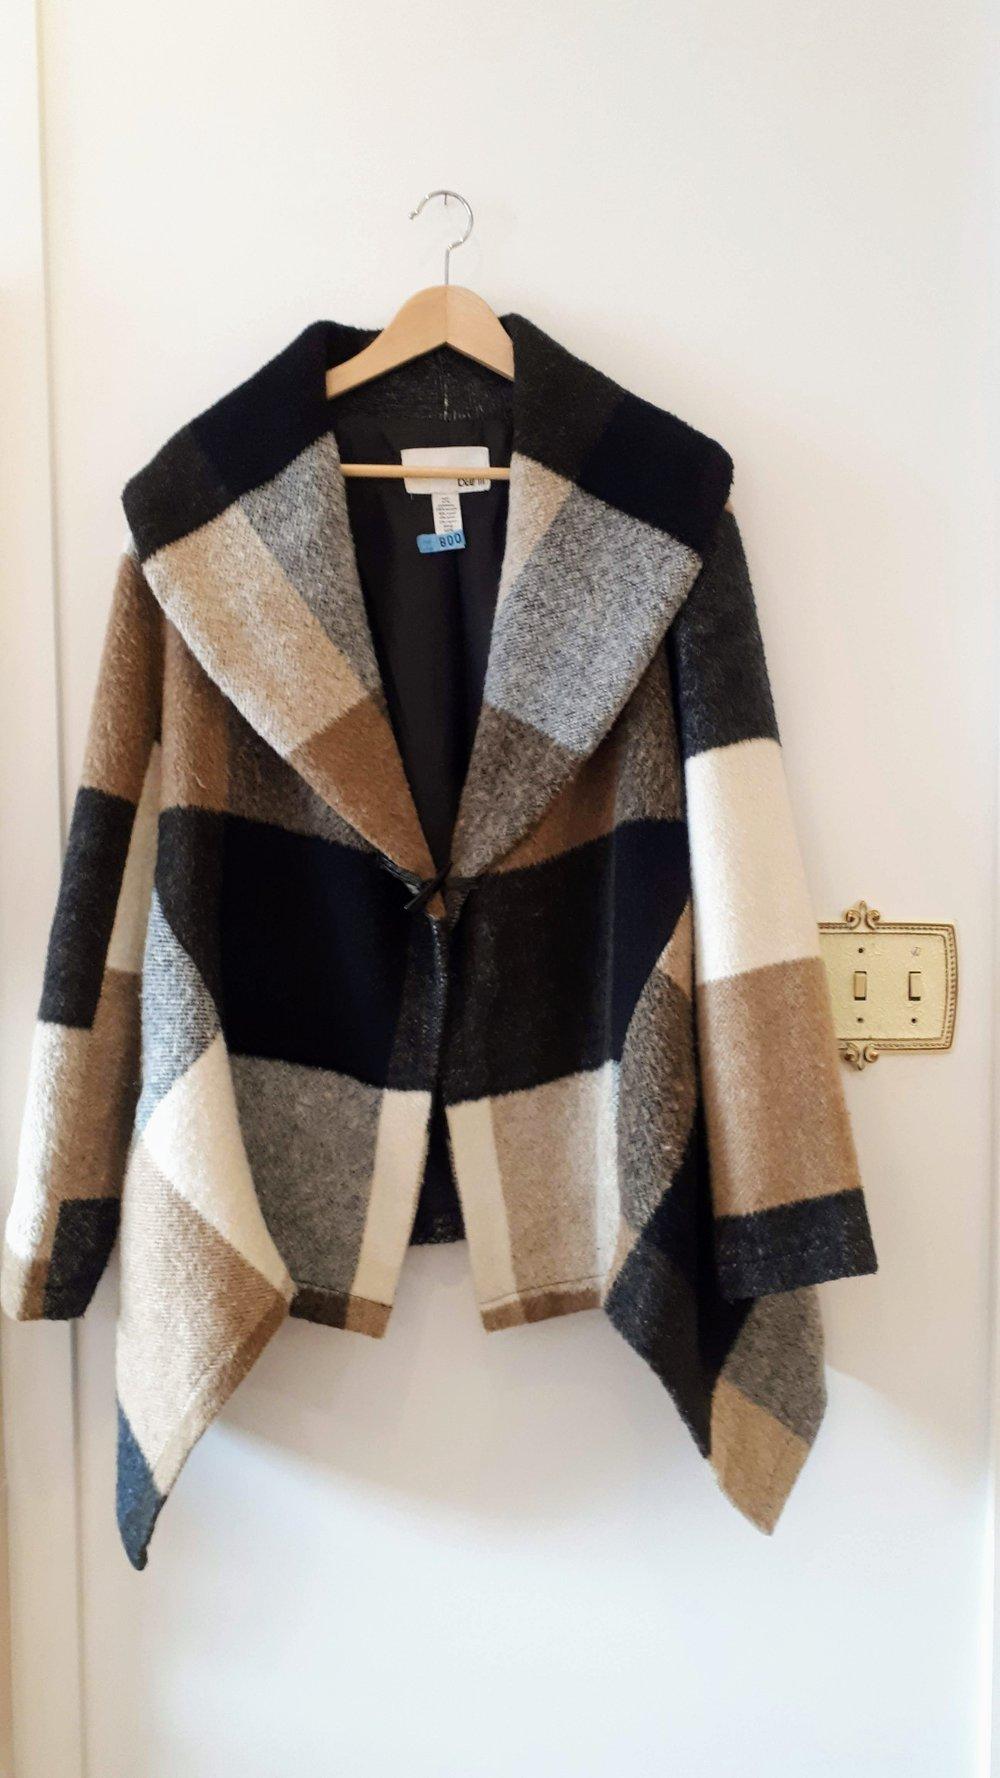 Bar III coat; Size XL, $48